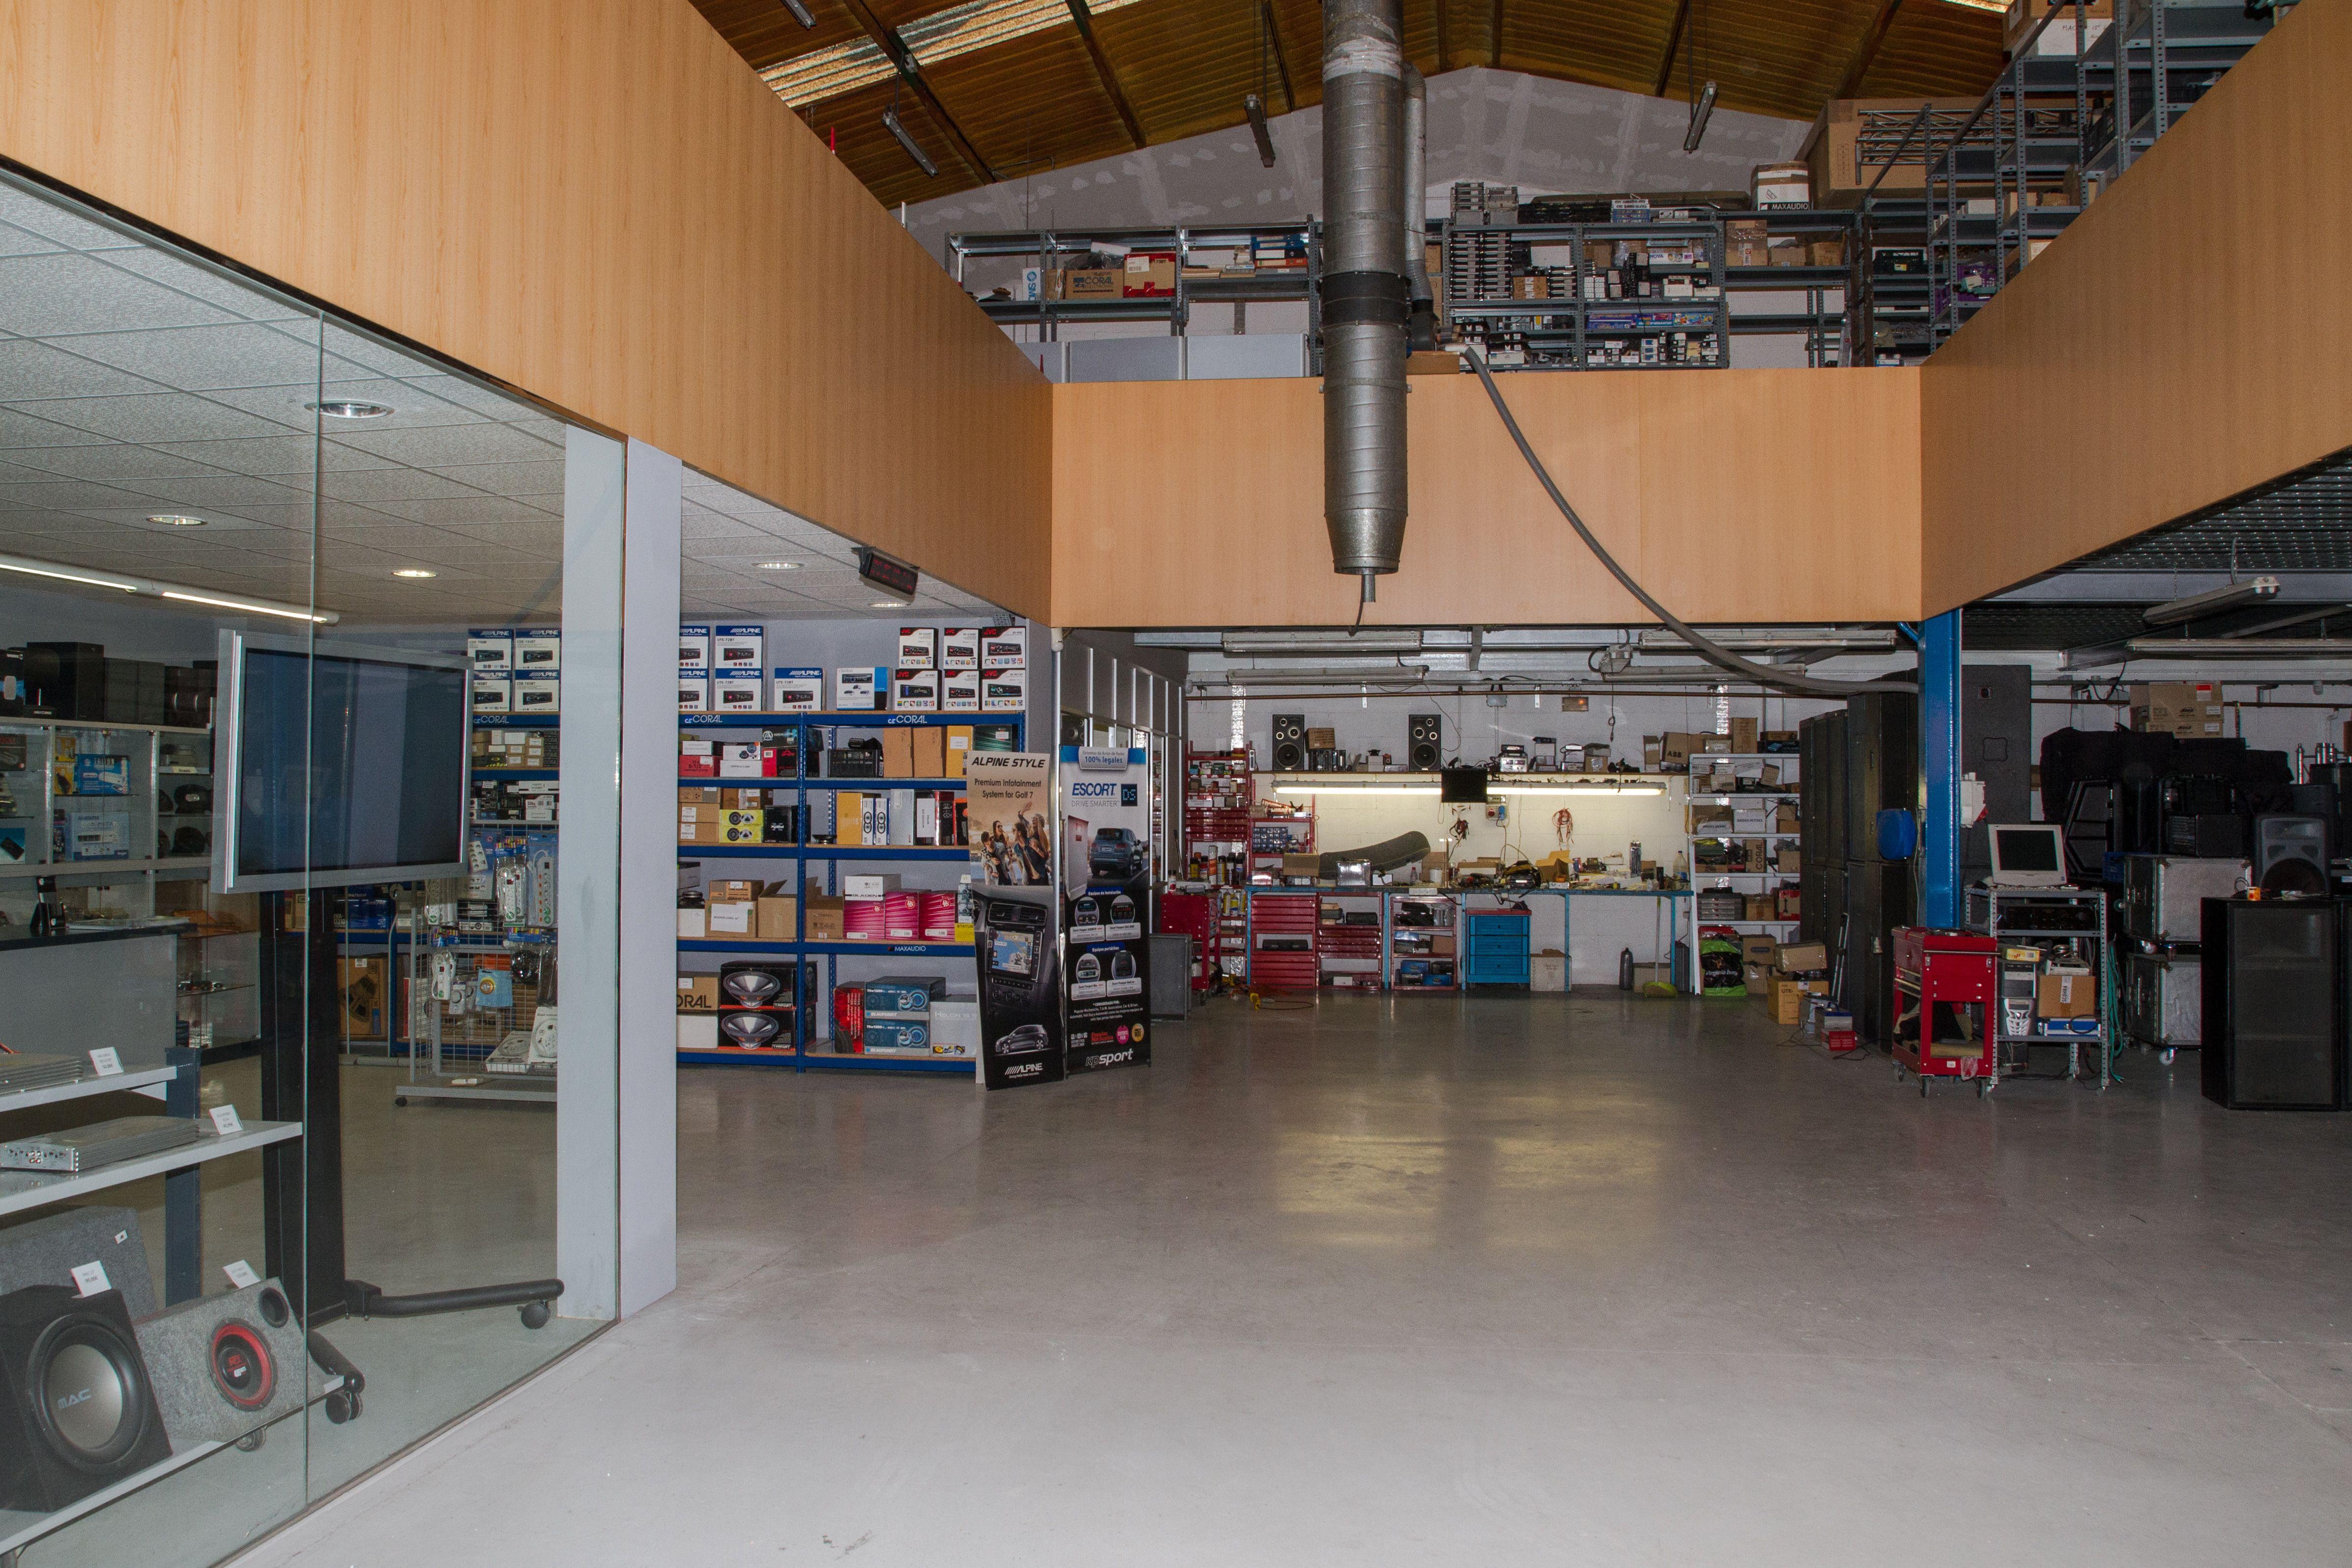 Venta e instalación de cámaras de vigilancia en Valls